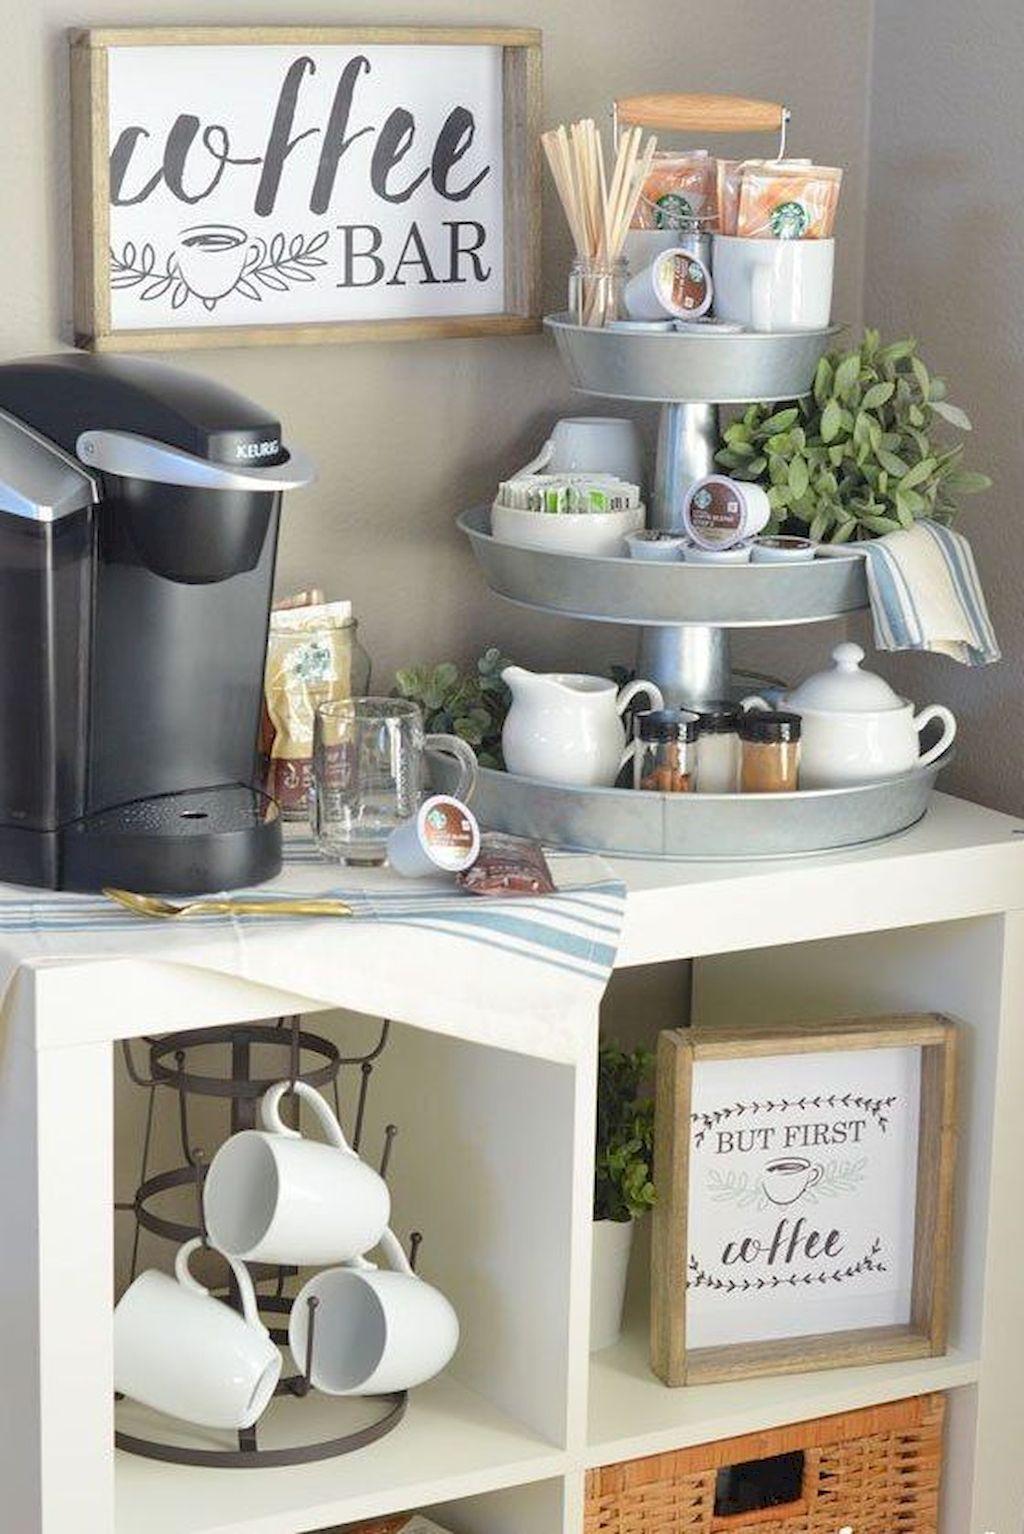 85 Rental Apartment Kitchen Organization Ideas   Einrichtung